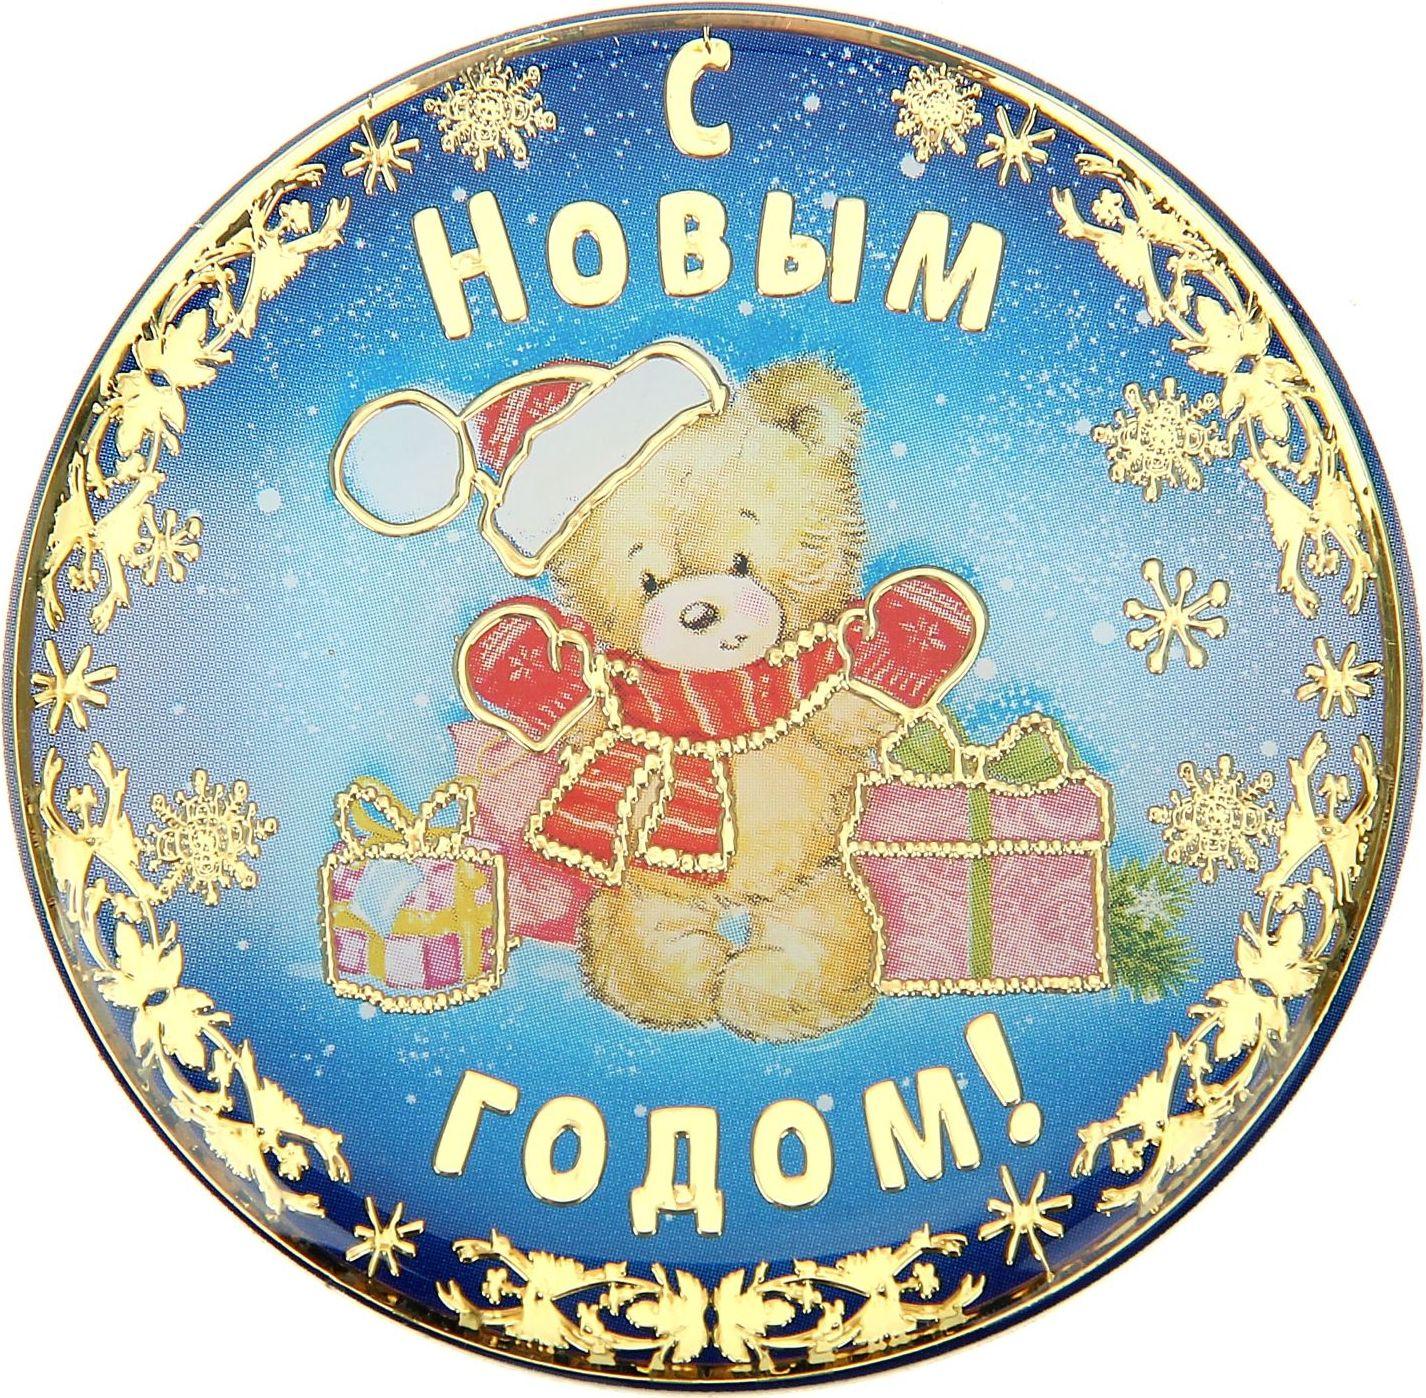 Магнит Sima-land Миша, 6 х 6 см240521Порадуйте родных и близких оригинальным сувениром: преподнесите в подарок магнит Sima-land Миша. С ним даже самый серьезный человек почувствует себя ребенком, ожидающим чудо! Создайте праздничное настроение, и оно останется с вами на весь год. Размер: 6 х 6 см.